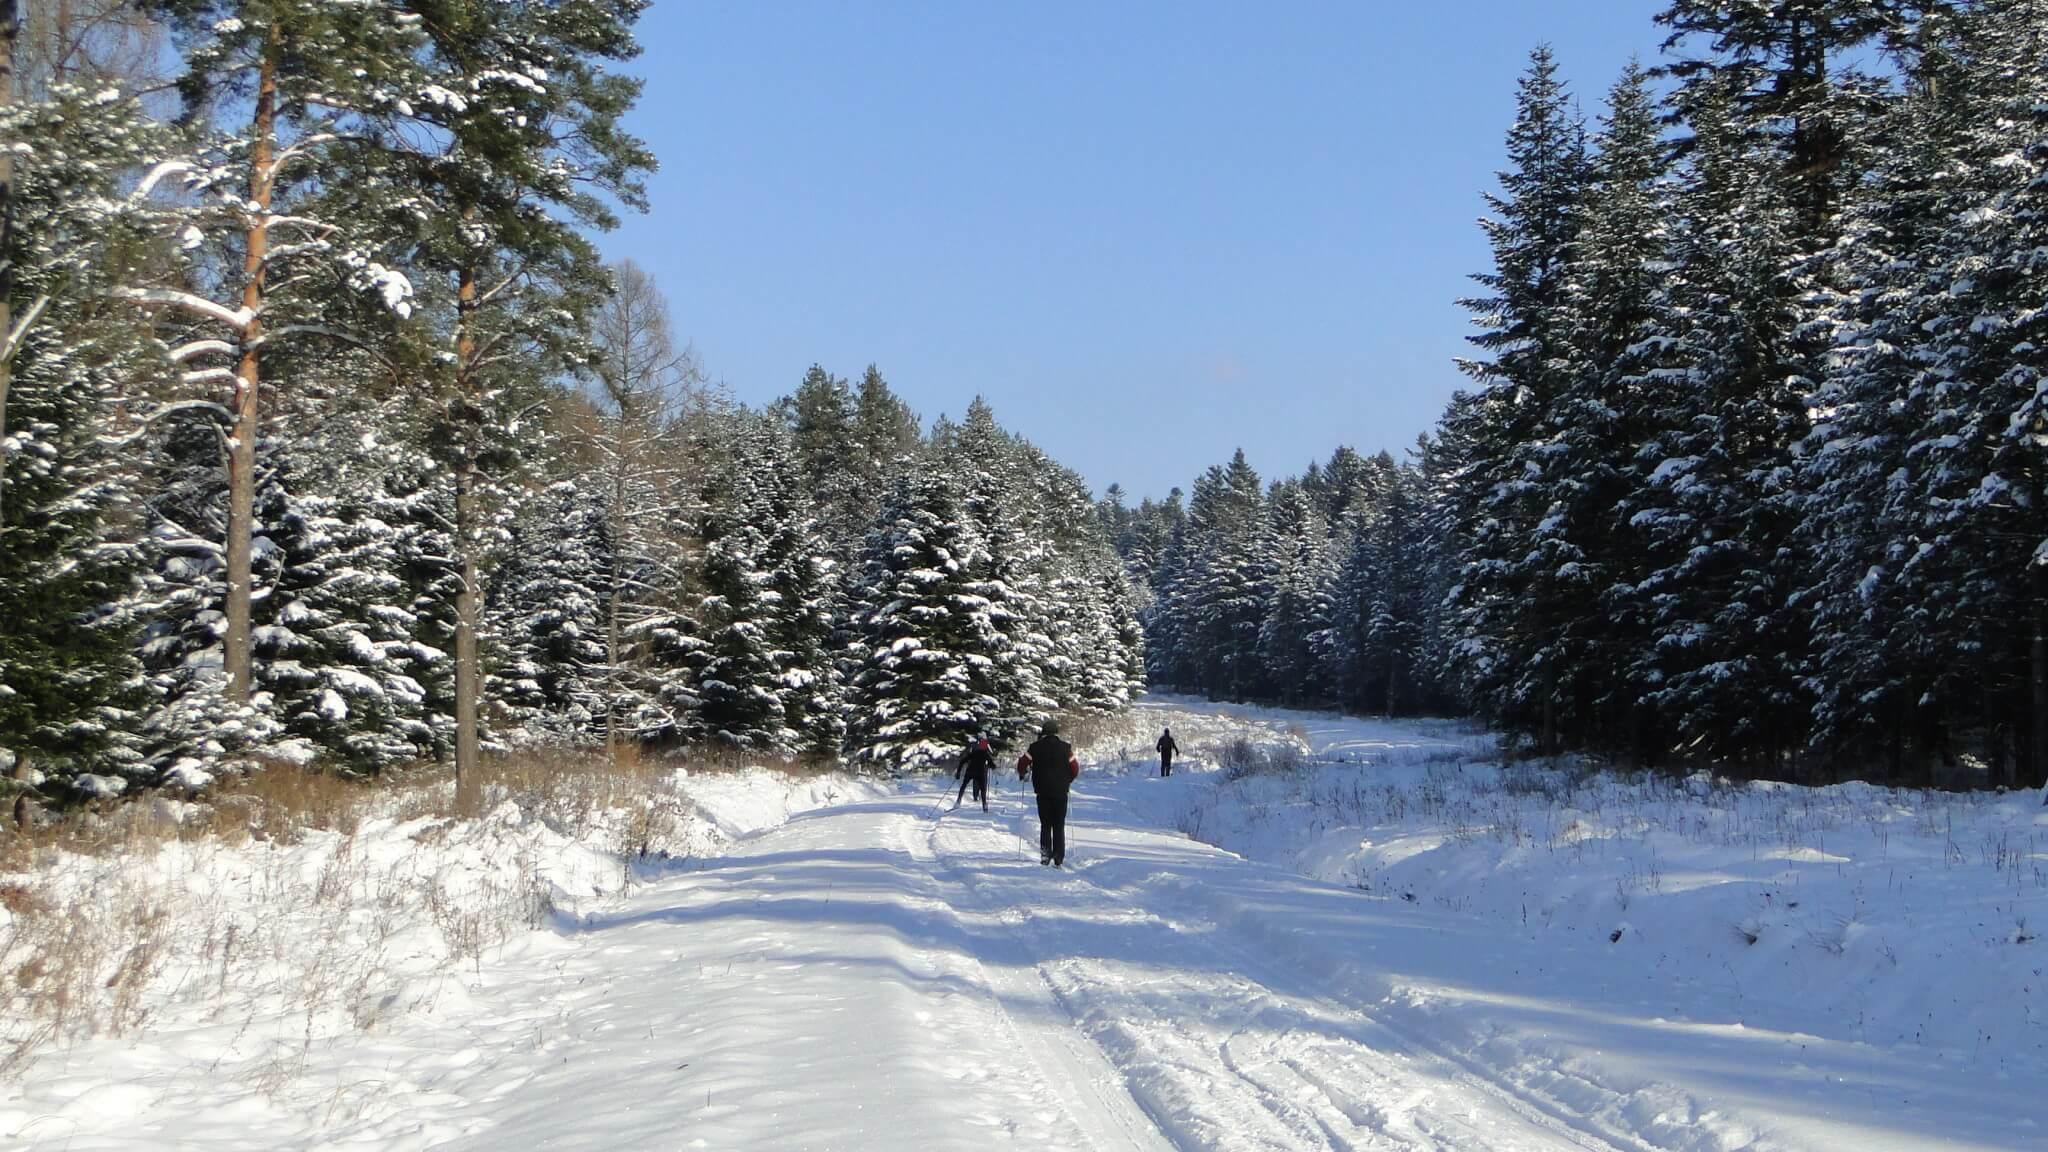 Na nartach do Polan Surowicznych! 1